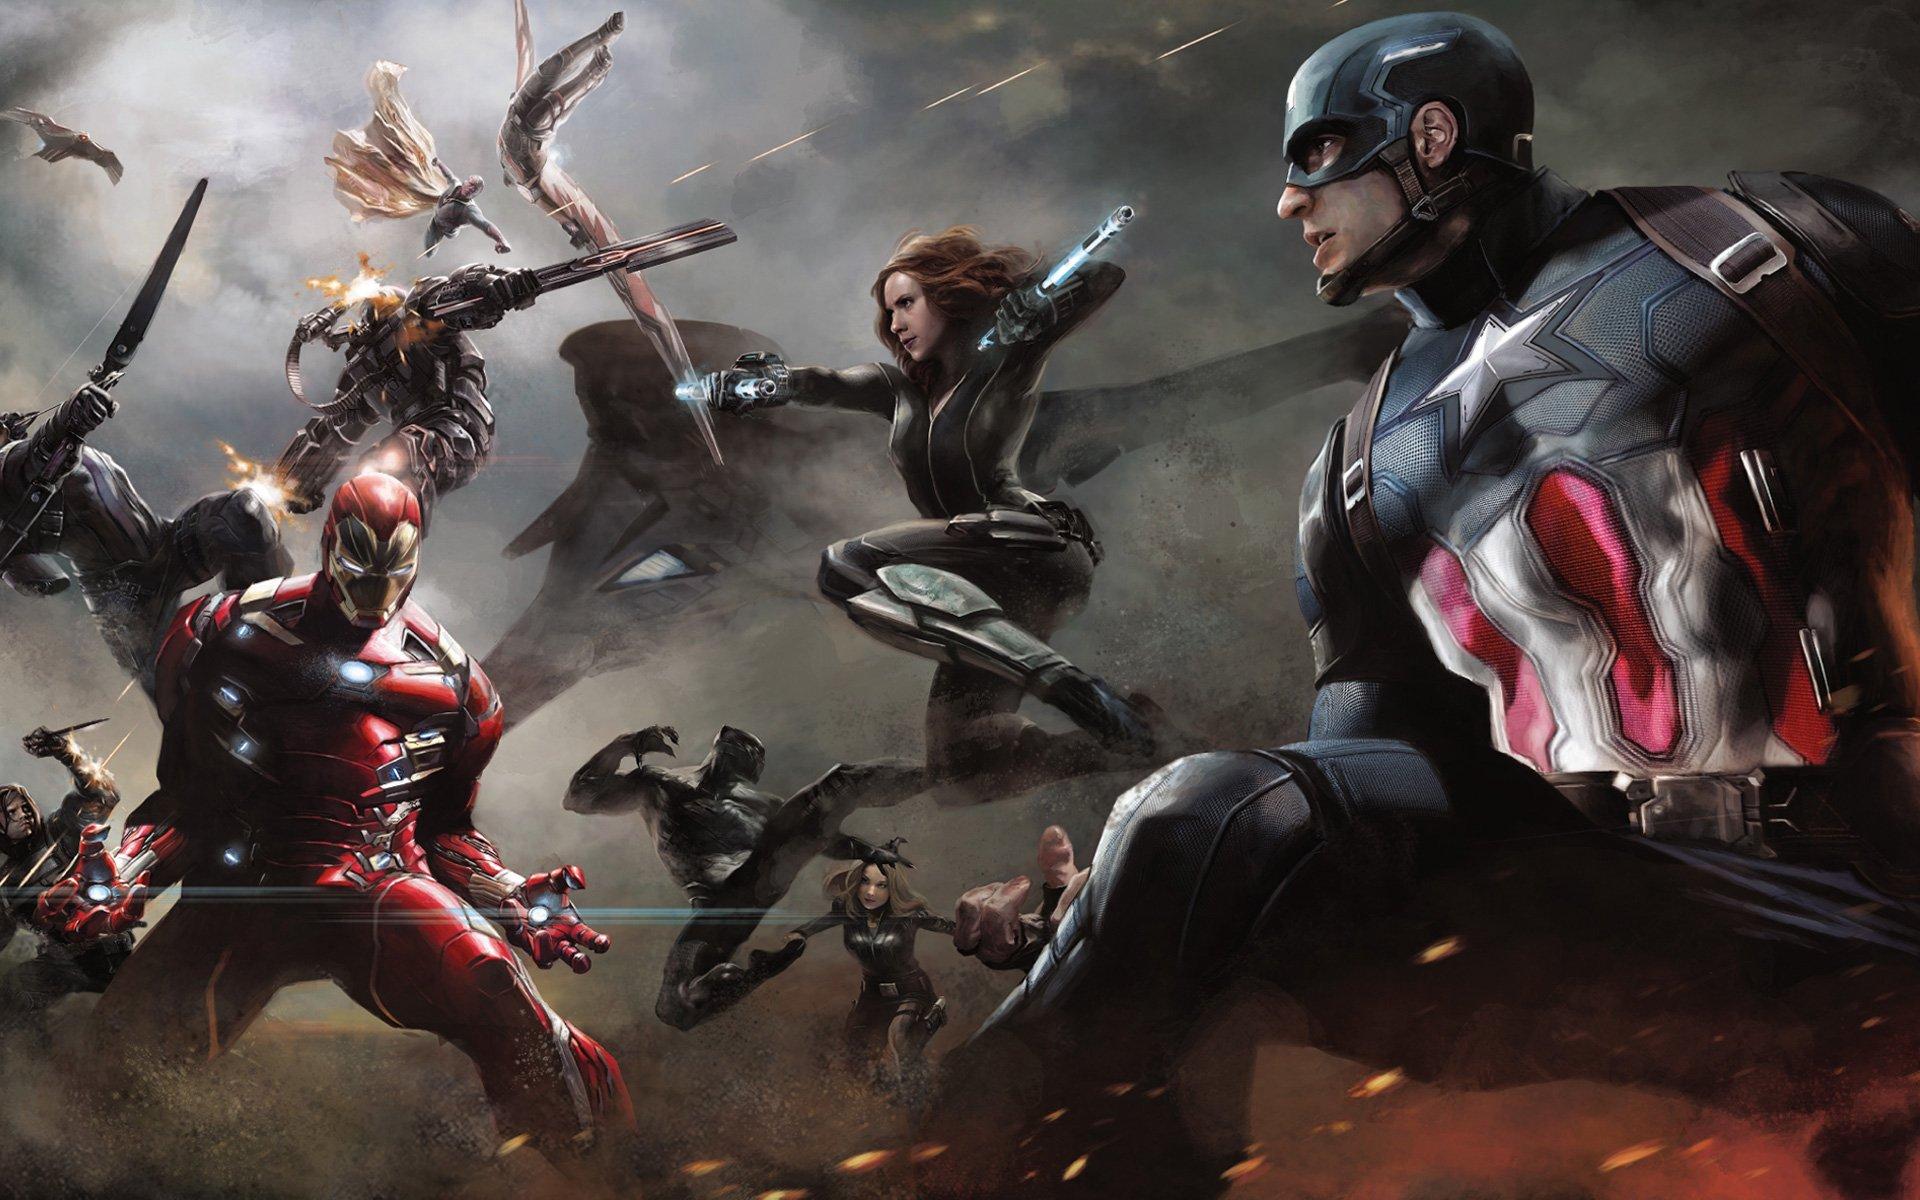 Artwork Captain America Civil War Wallpaper 1920x1200